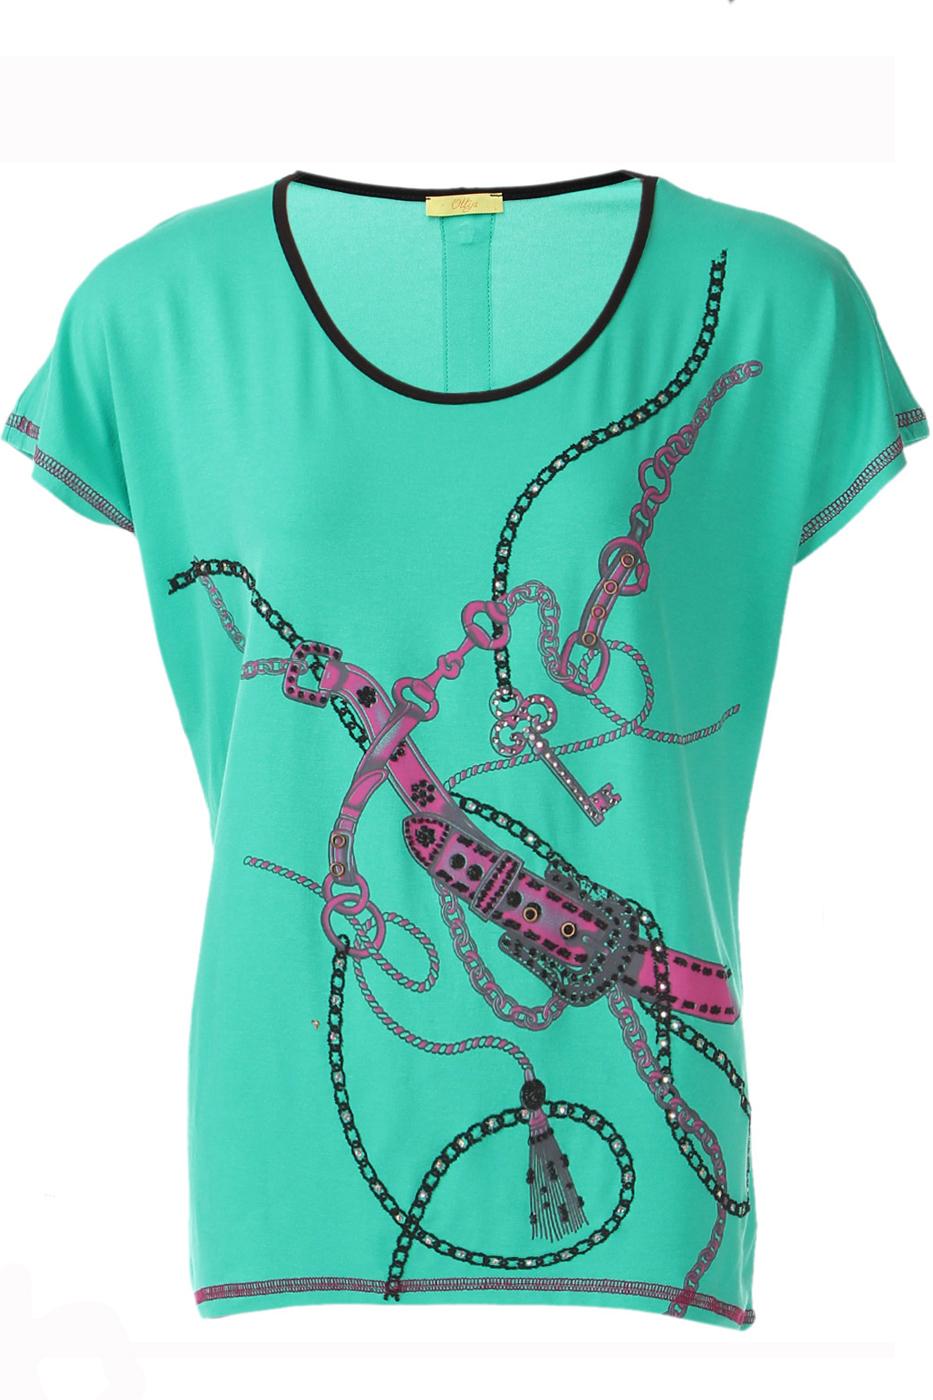 ФутболкаФутболки<br>Оригинальная футболка украшена модным принтом. Отлично смотрится в комбинации с любыми узкими брюками или юбками Короткий рукав и округлый вырез горловины.  Цвет: бирюзовый, розовый, серый  Ростовка изделия 170 см.  Парметры изделия: 40 размер - обхват груди 74-77 см., обхват талии 60-62 см. 42 размер - обхват груди 78-81 см., обхват талии 63-65 см. 44 размер - обхват груди 82-85 см., обхват талии 66-69 см. 46 размер - обхват груди 86-89 см., обхват талии 70-73 см. 48 размер - обхват груди 90-93 см., обхват талии 74-77 см. 50 размер - обхват груди 94-97 см., обхват талии 78-81 см. 52 размер - обхват груди 98-102 см., обхват талии 82-86 см. 54 размер - обхват груди 103-107 см., обхват талии 87-91 см. 56 размер - обхват груди 108-113 см., обхват талии 92-96 см. 58/60 размер - обхват груди 114-119 см., обхват талии 97-102 см. 62 размер - обхват груди 120-125 см., обхват талии 103-108 см.<br><br>Горловина: С- горловина<br>По материалу: Вискоза,Трикотаж<br>По рисунку: С принтом,Цветные<br>По сезону: Весна,Всесезон,Зима,Лето,Осень<br>По силуэту: Полуприталенные<br>По стилю: Повседневный стиль<br>По элементам: С молнией,Отделка строчкой<br>Рукав: Короткий рукав<br>Размер : 48,50<br>Материал: Вискоза<br>Количество в наличии: 2